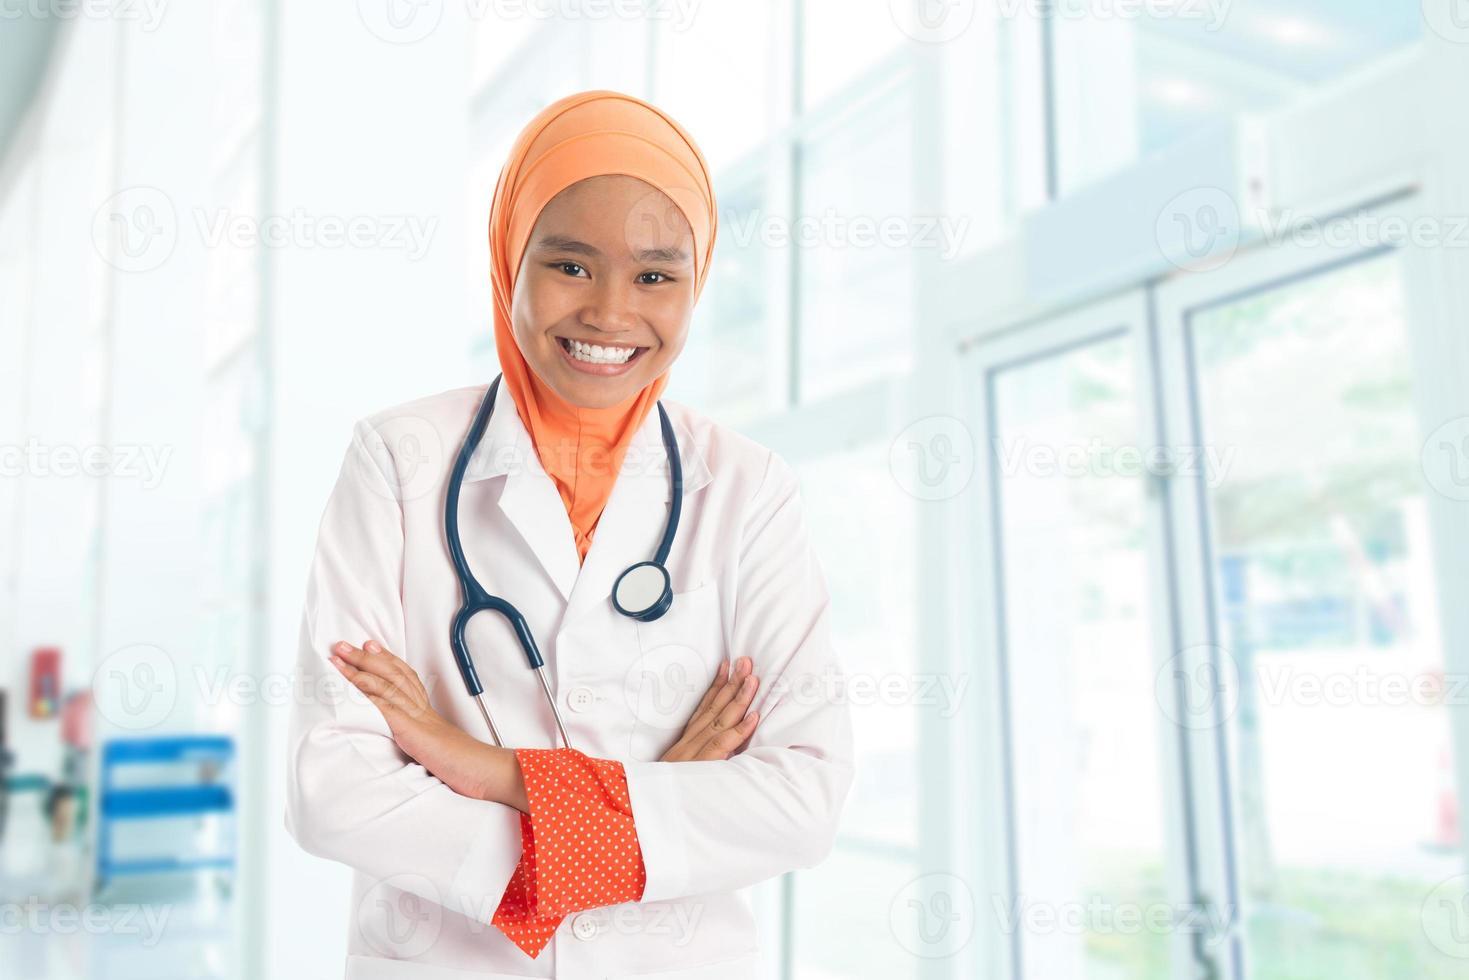 muslimische Ärztin im Krankenhaus foto